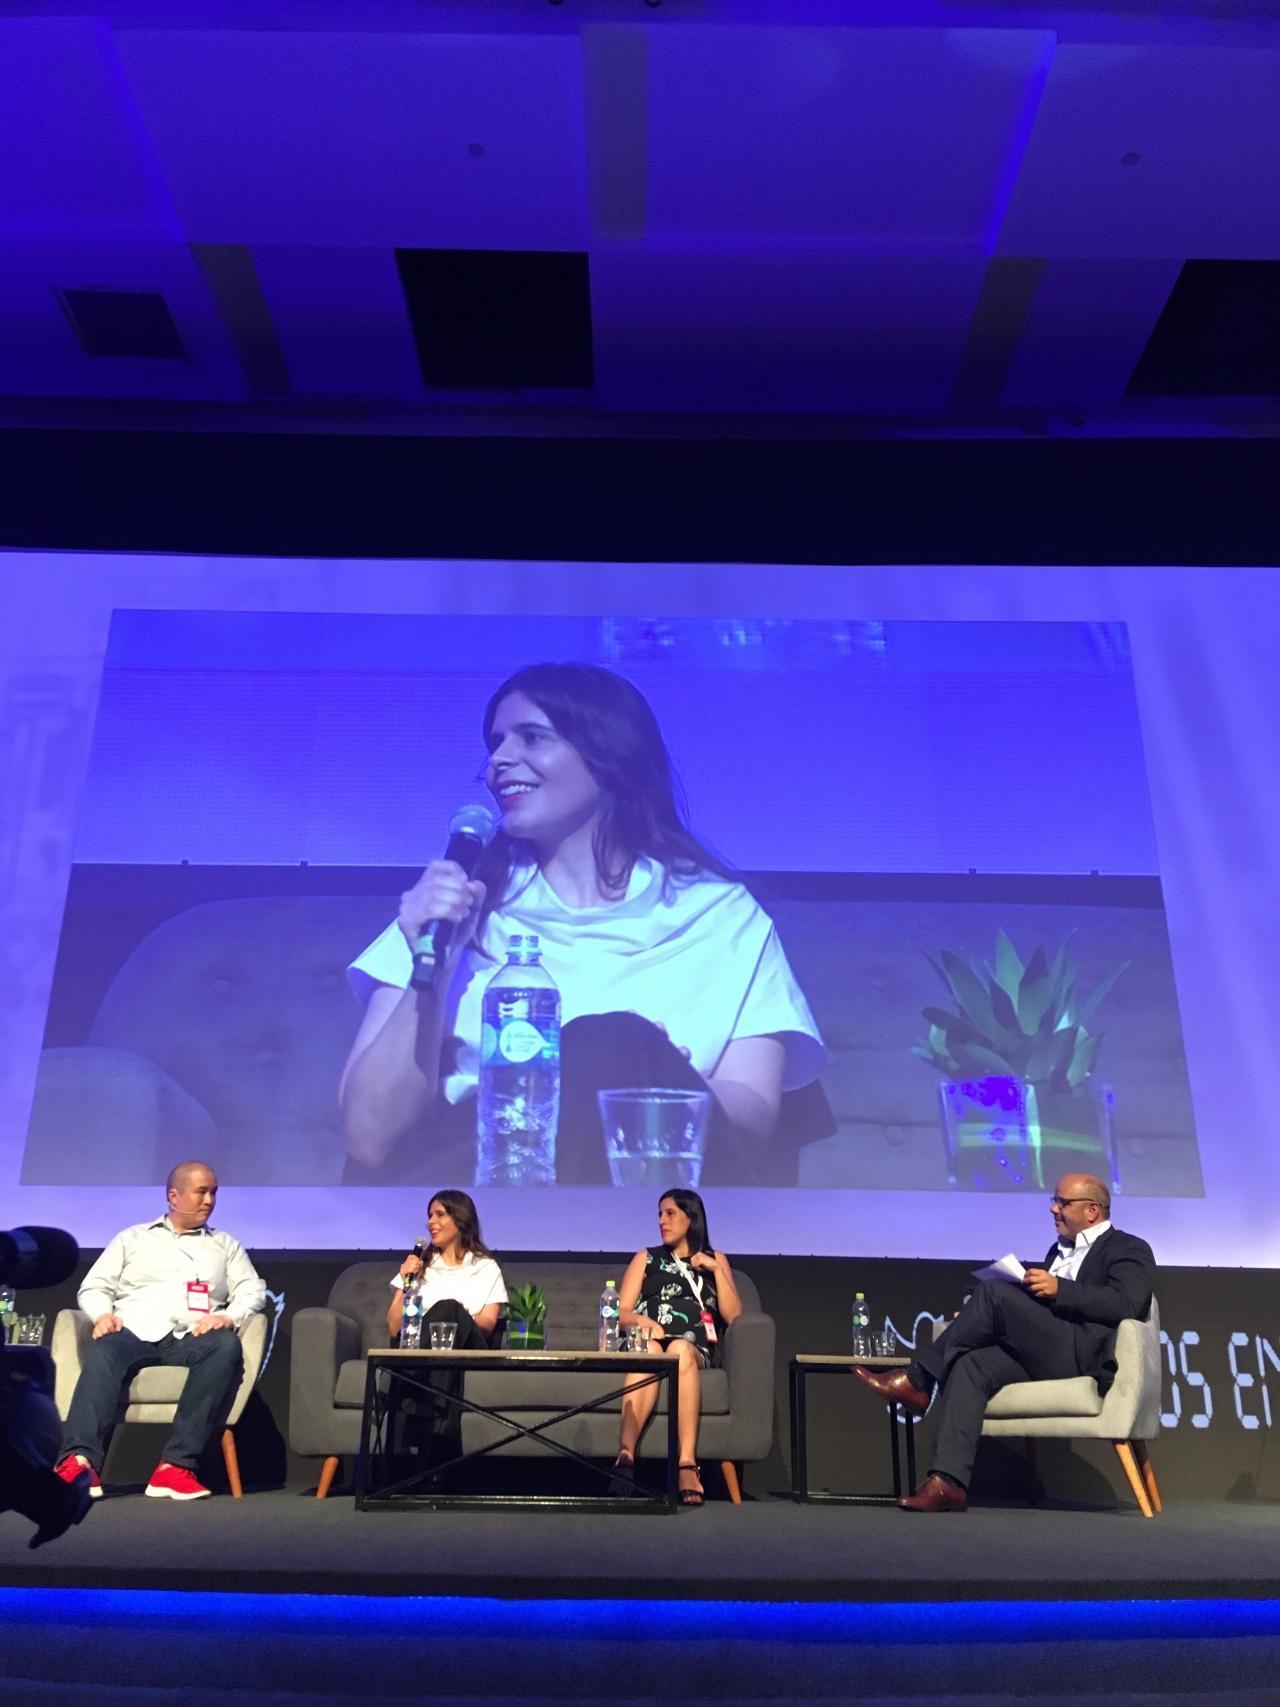 XVI. Congreso de Retail Perú 2019. Marcela Seggiaro. Customer Obsession. Hiperpersonalización y omnicanalidad.